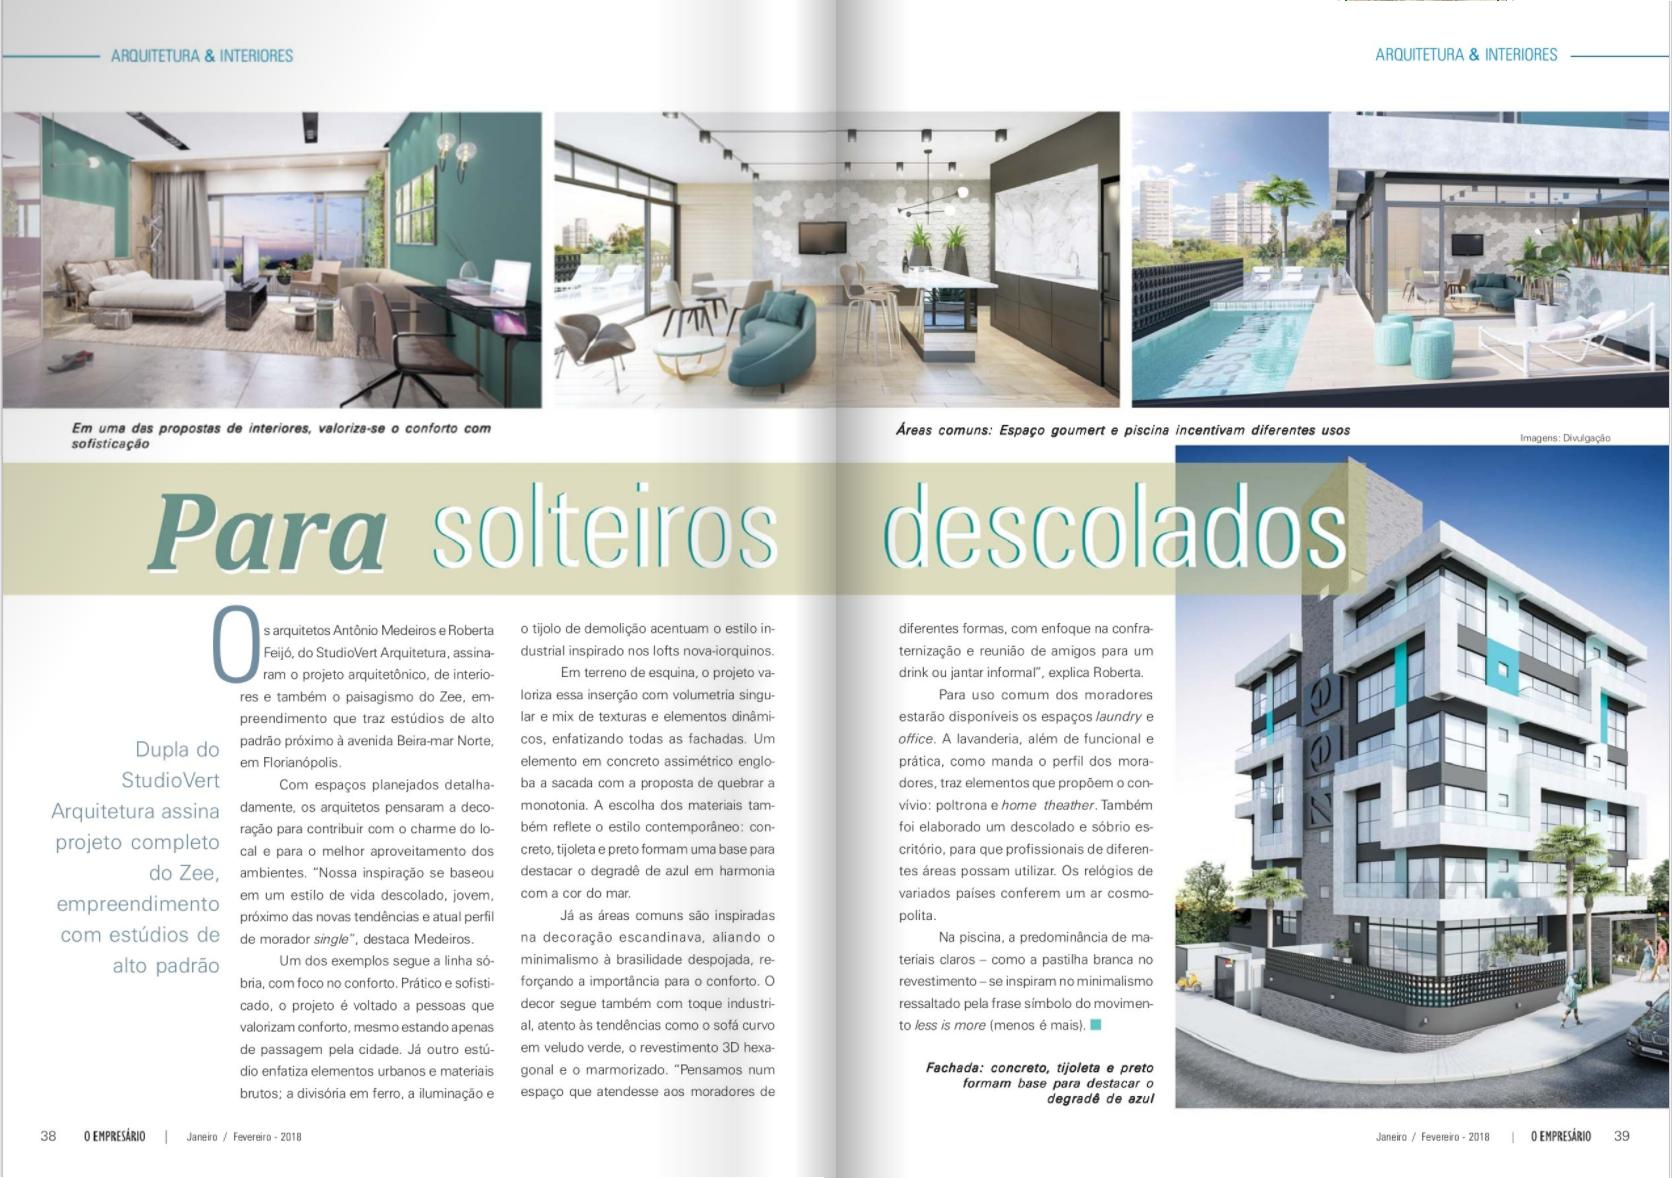 Cliente: StudioVert Arquitetura